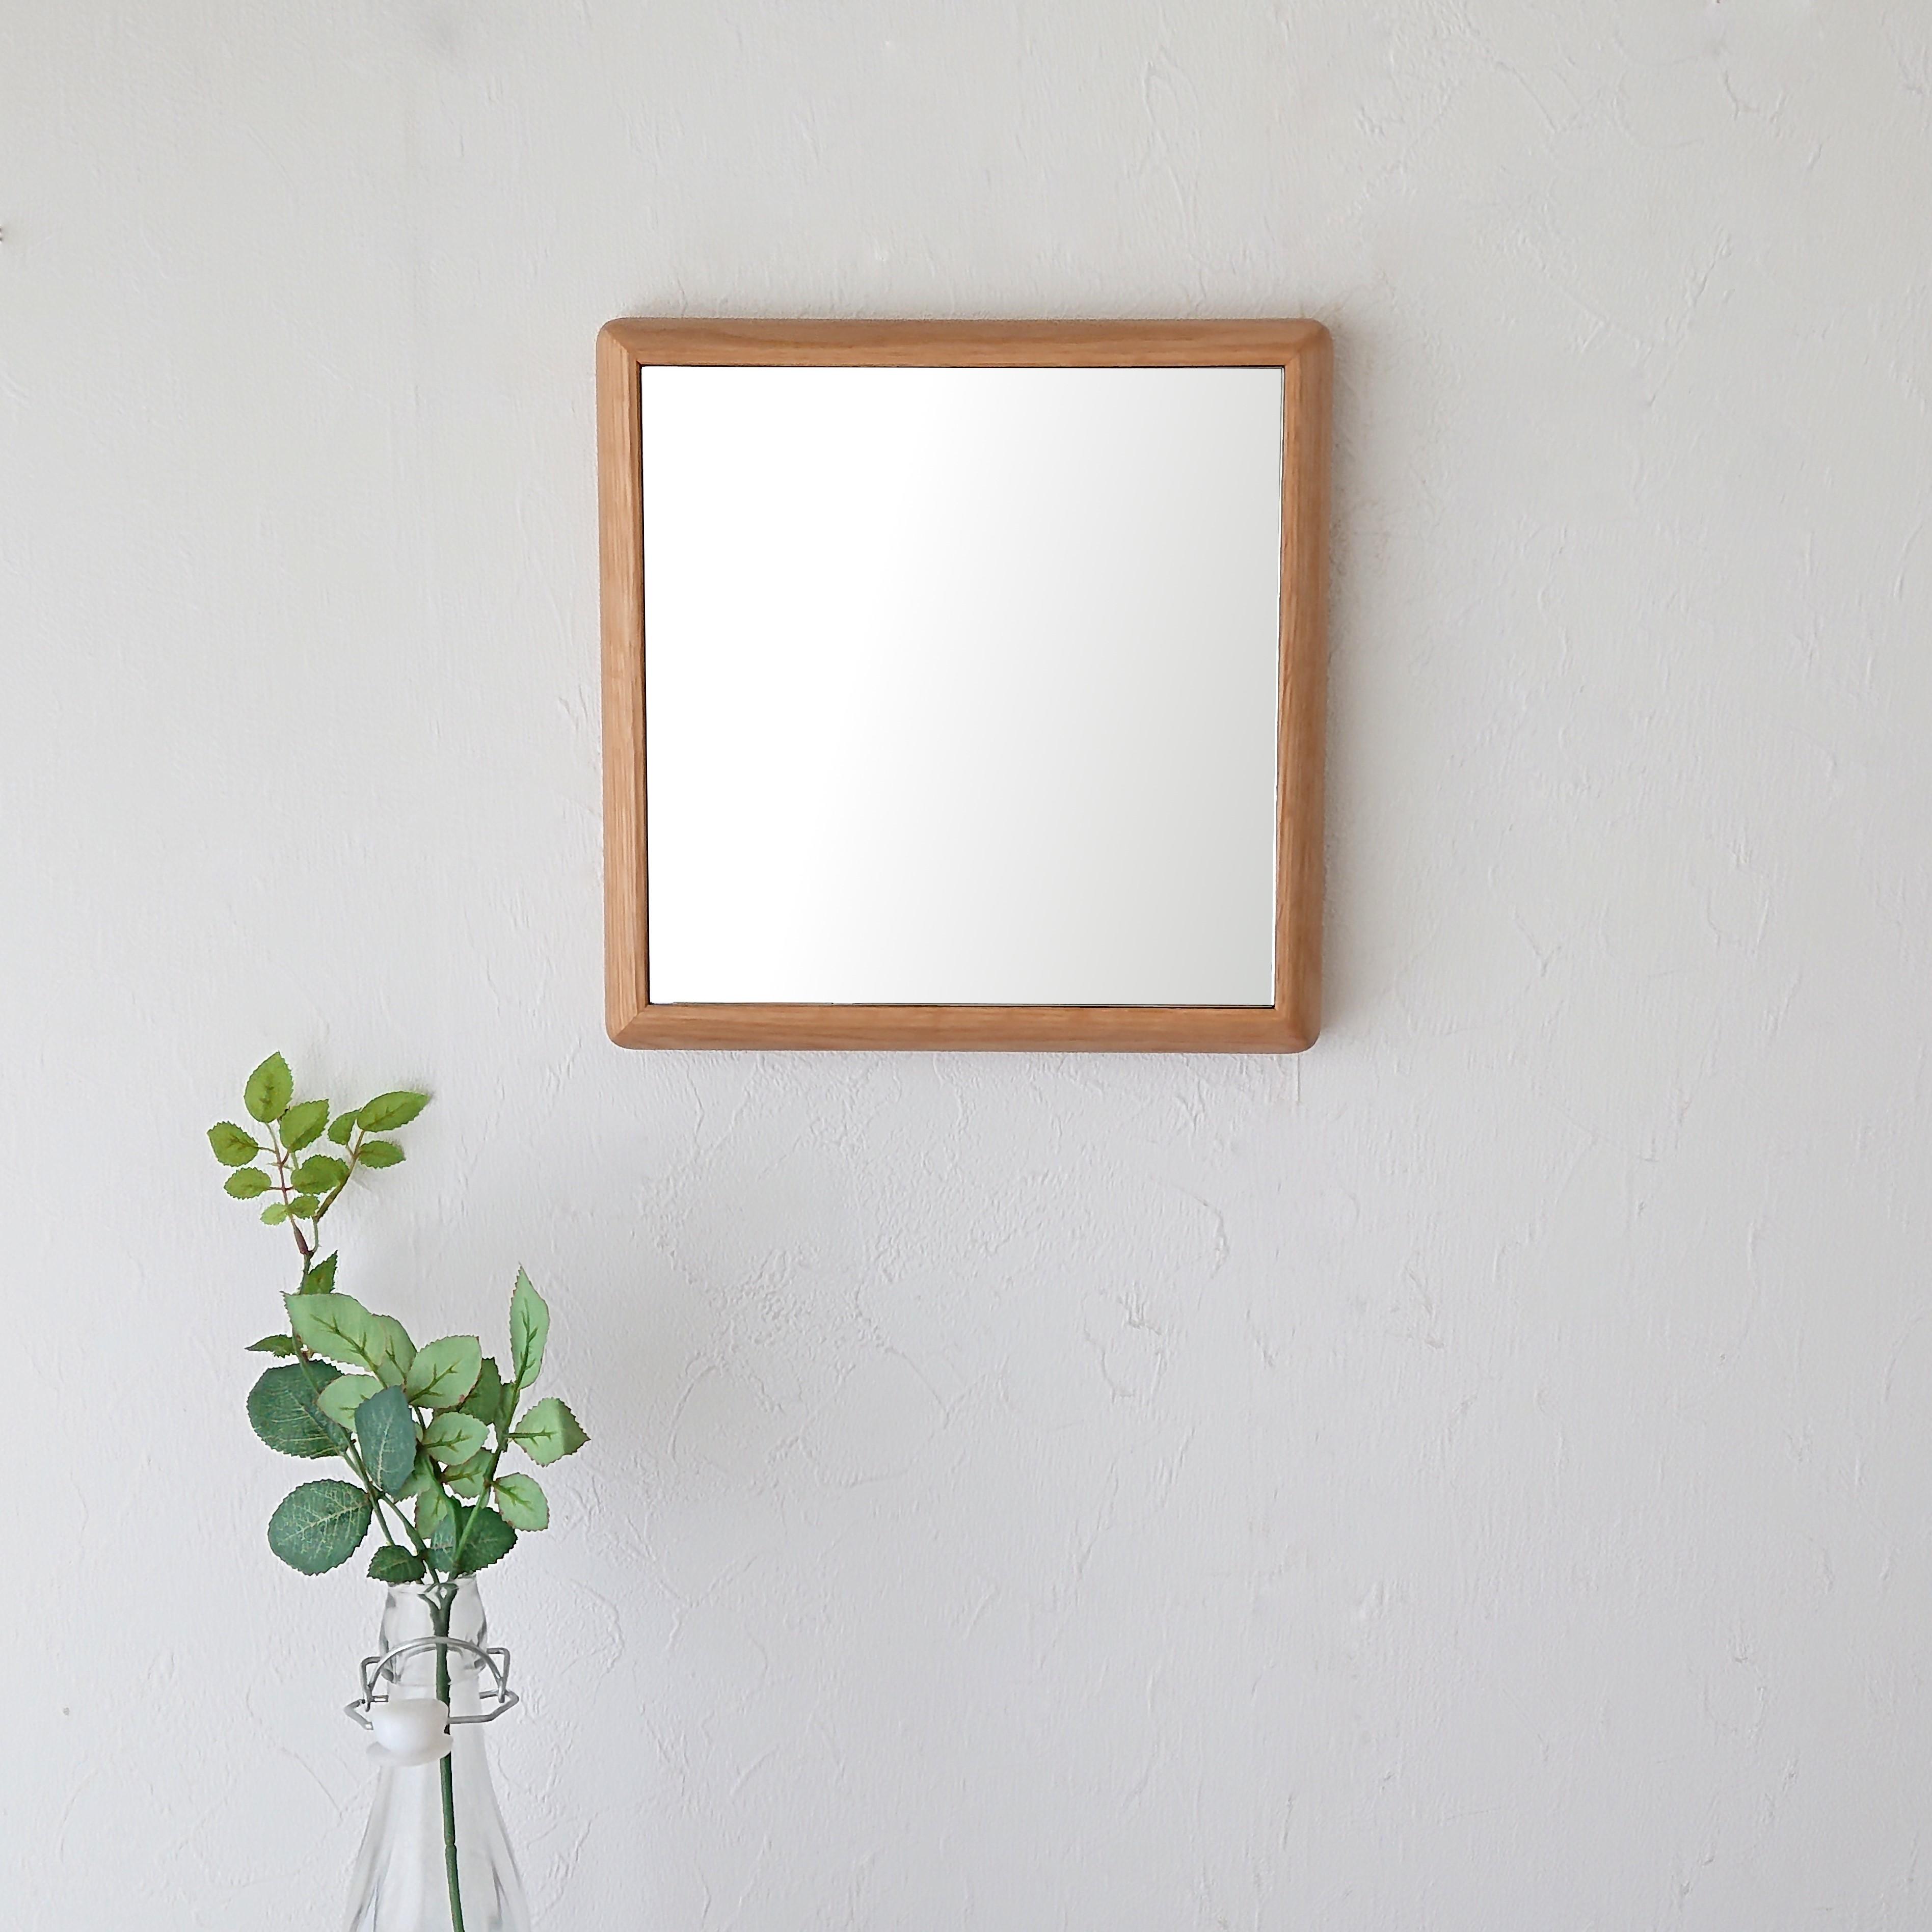 ステラ 27.2x27.2cm ホワイトオーク材 壁掛けミラー 卓上ミラー 正方形 (通常便商品)